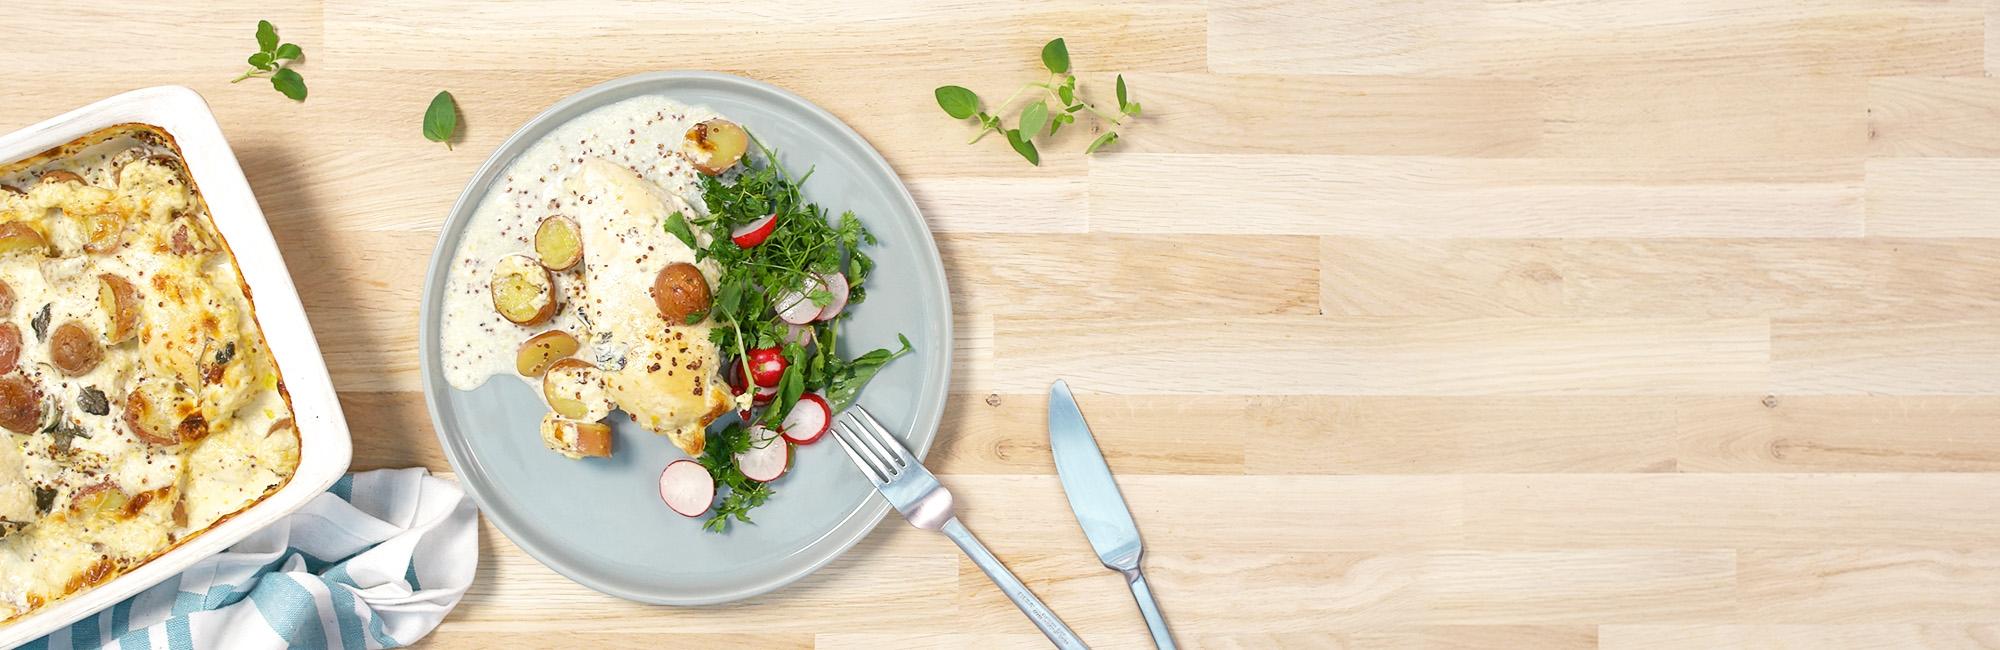 Poulet, pommes de terre, radis, salade